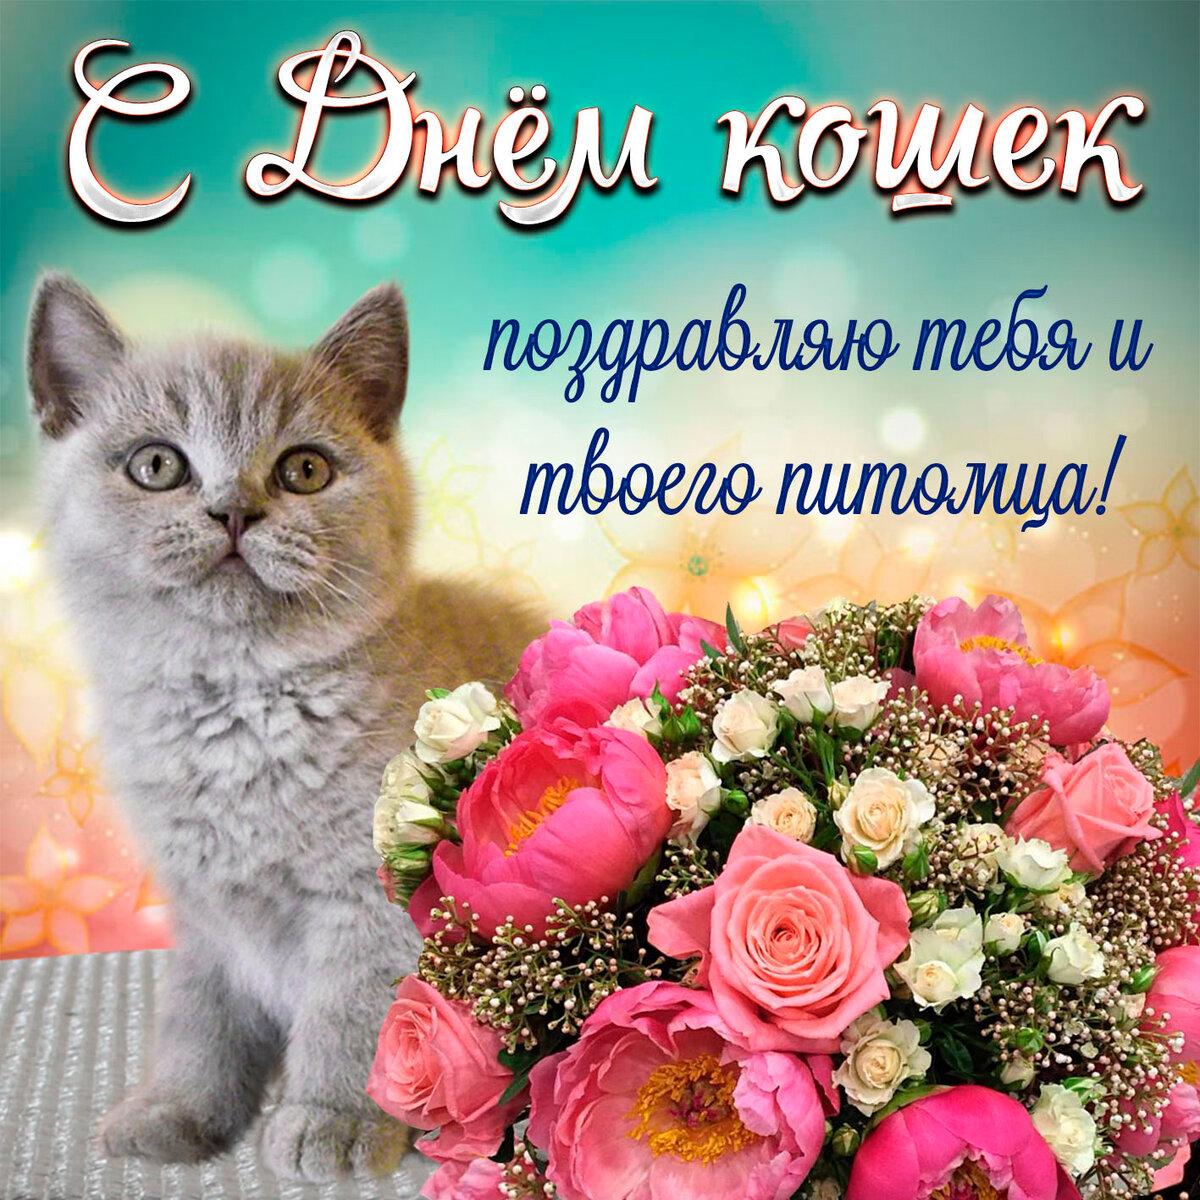 Поздравления в картинках кошки, днем рождения имени